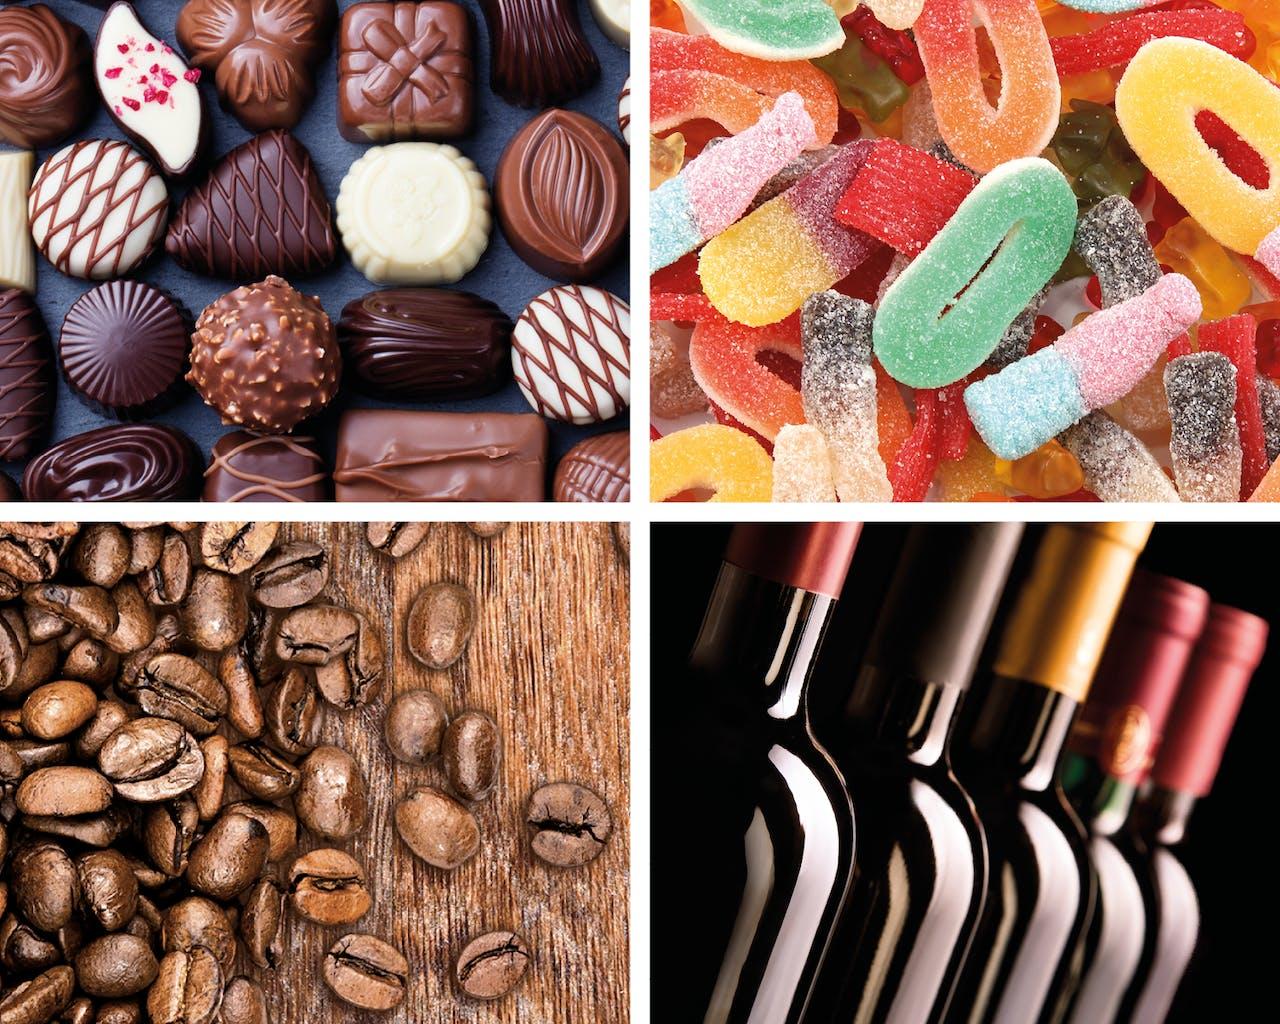 Schokolade, Süßigkeiten, Kaffeebohnen, Wein